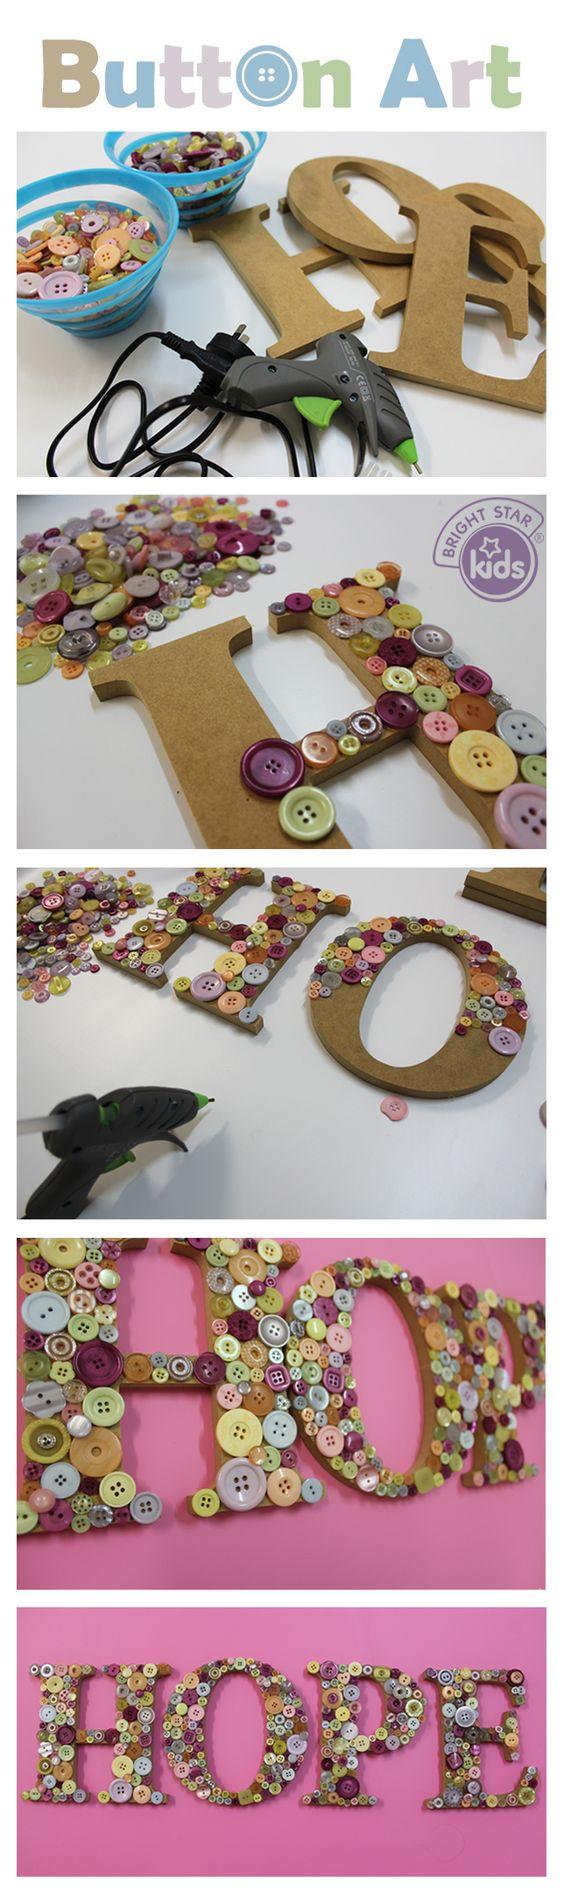 letras-con-botones